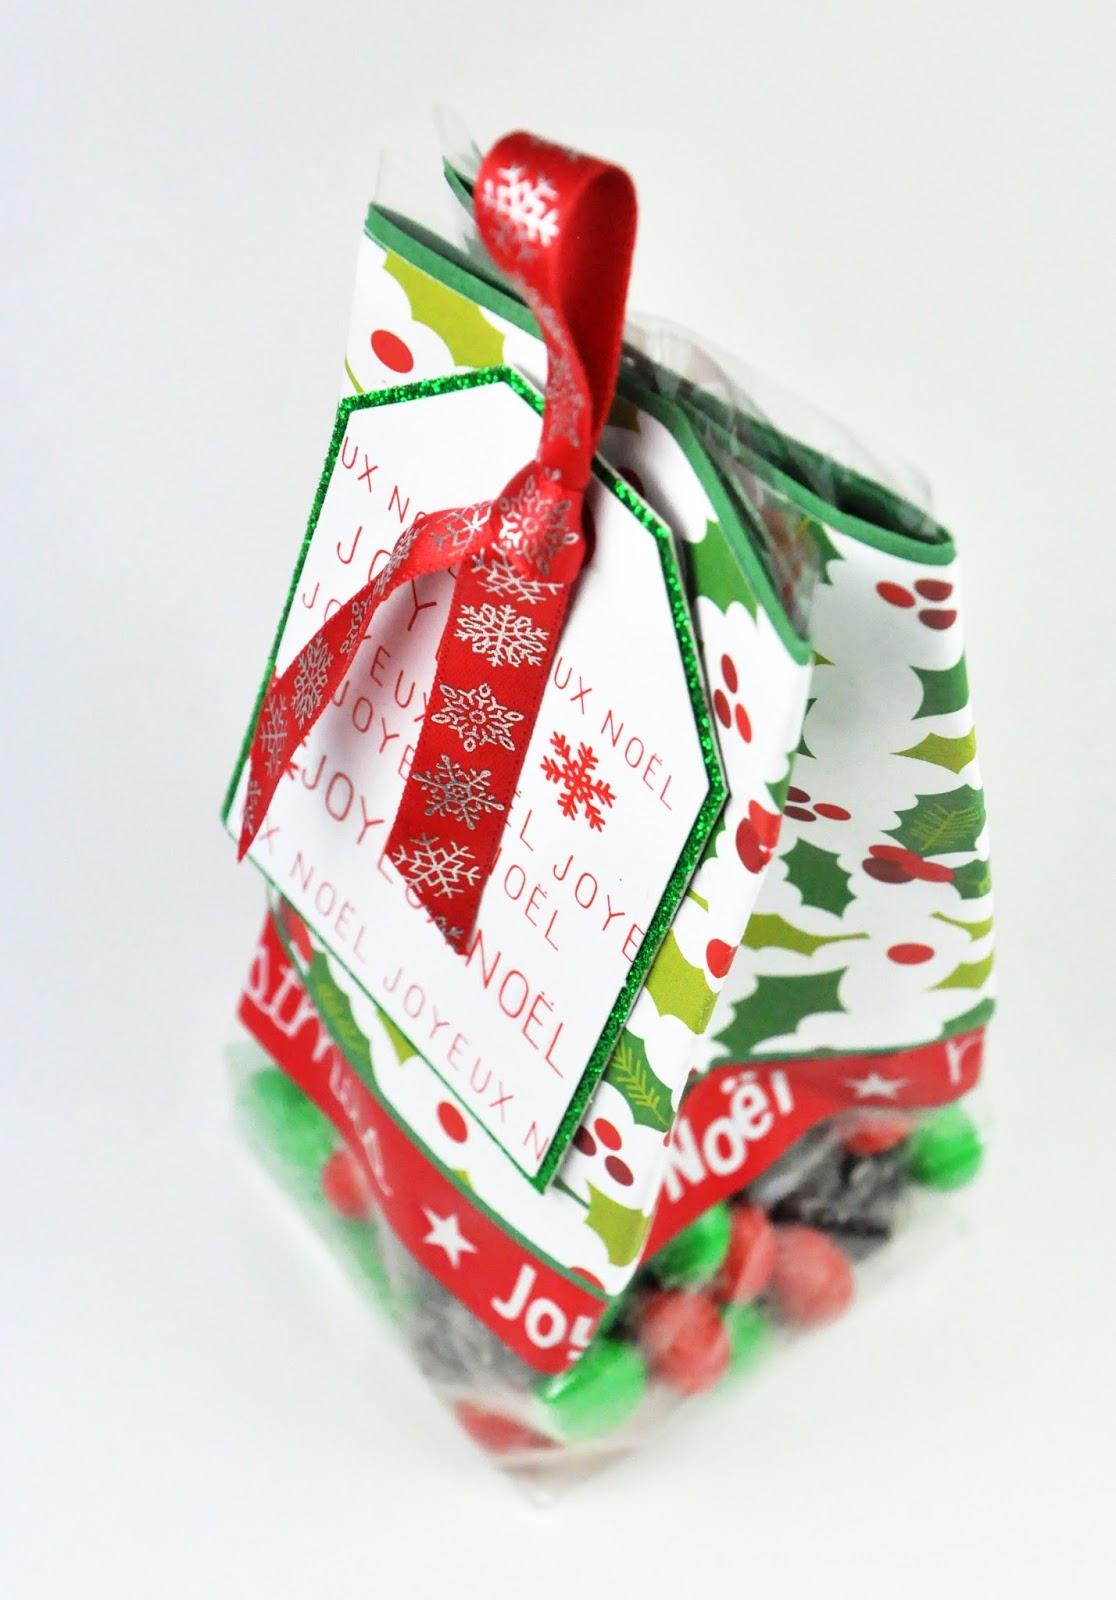 #A62525 Lilouscrappe: Petites Boîtes Gourmandes Au Couleurs  5521 décorations de noel traditionnelles 1116x1600 px @ aertt.com